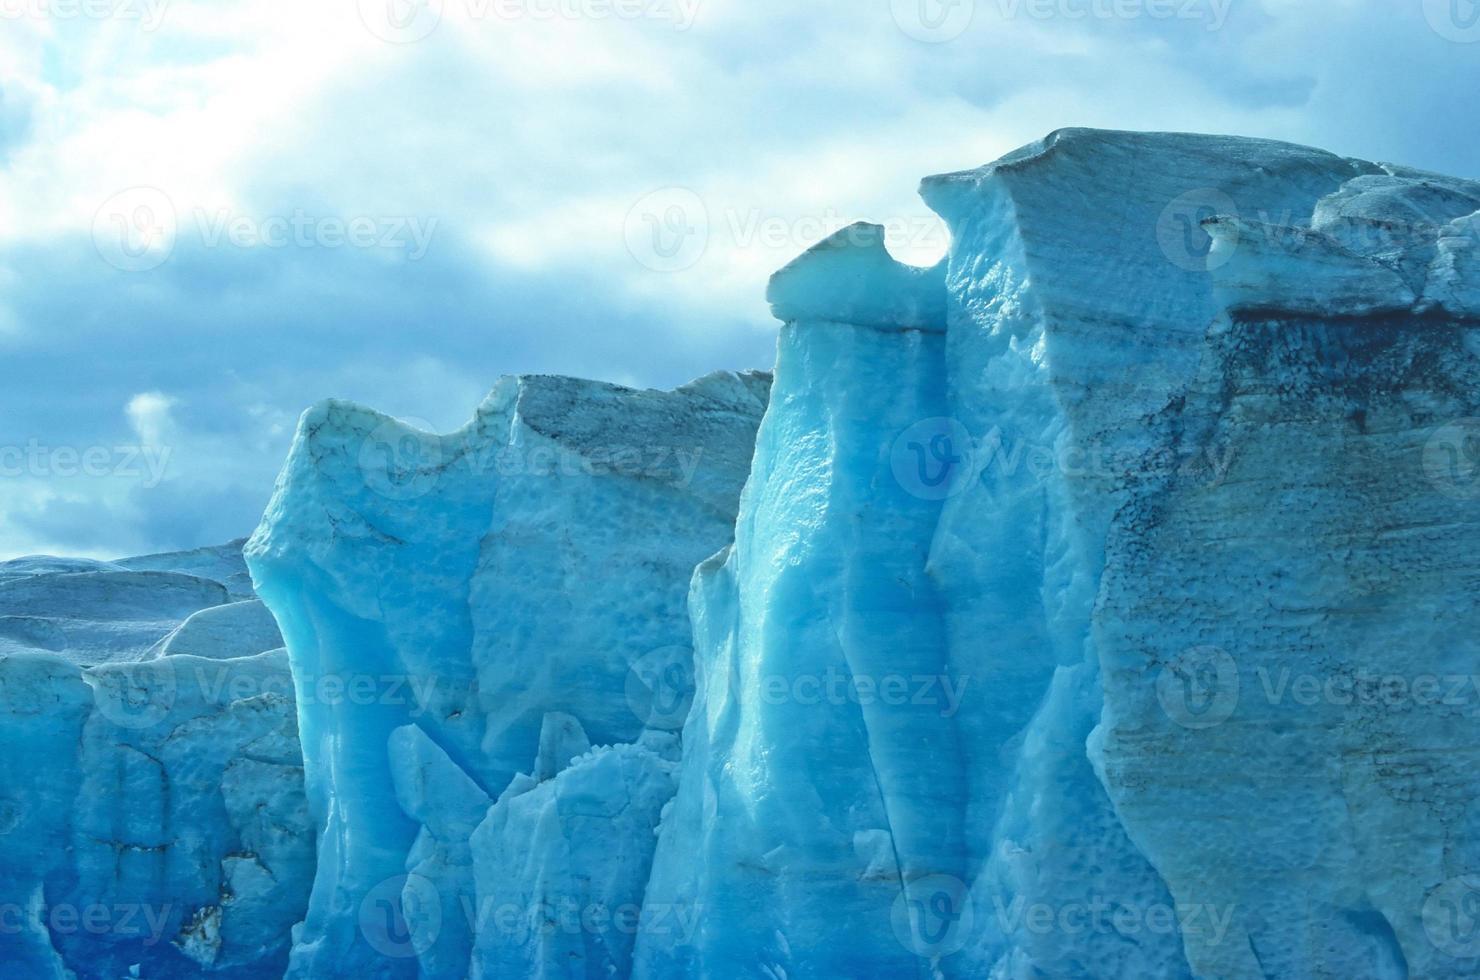 blauw ijs tegen de lucht foto